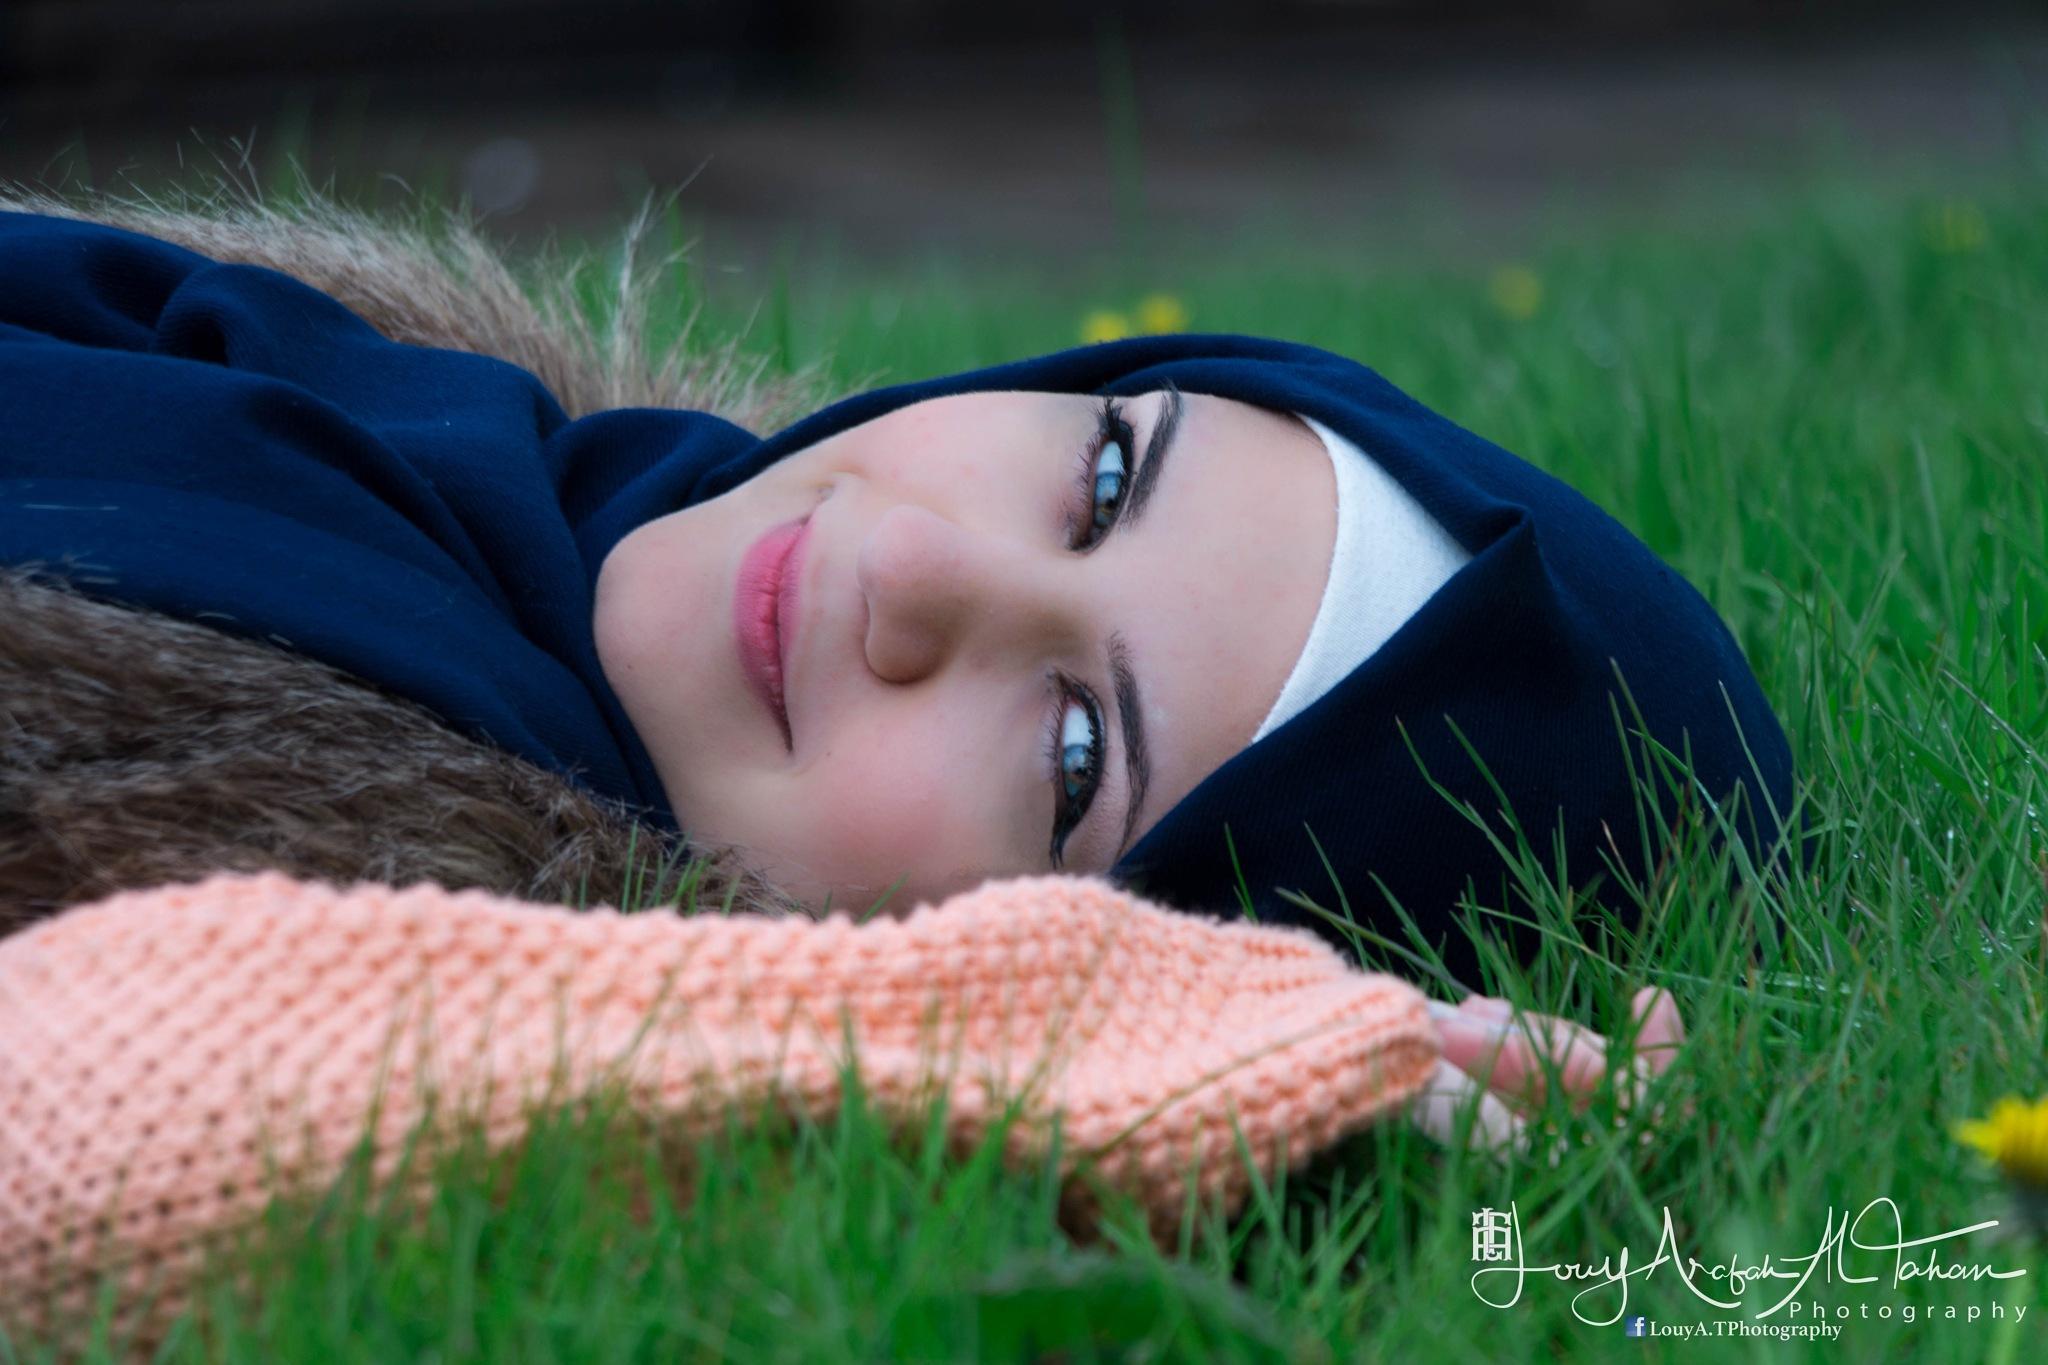 Portrait by Louy Arafah Al Tahan